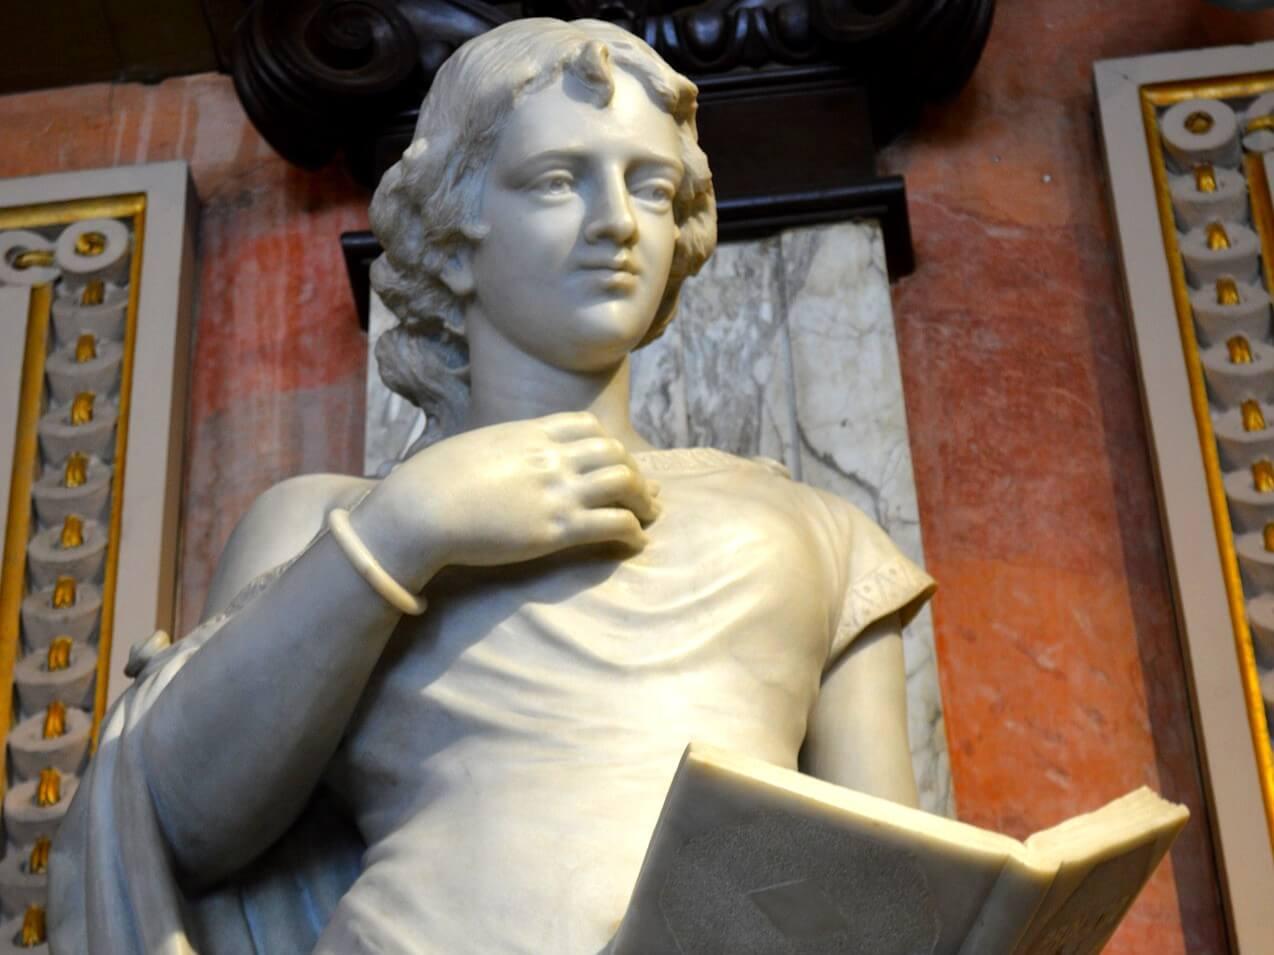 11 biografias para quem ama livros de crime e mistério